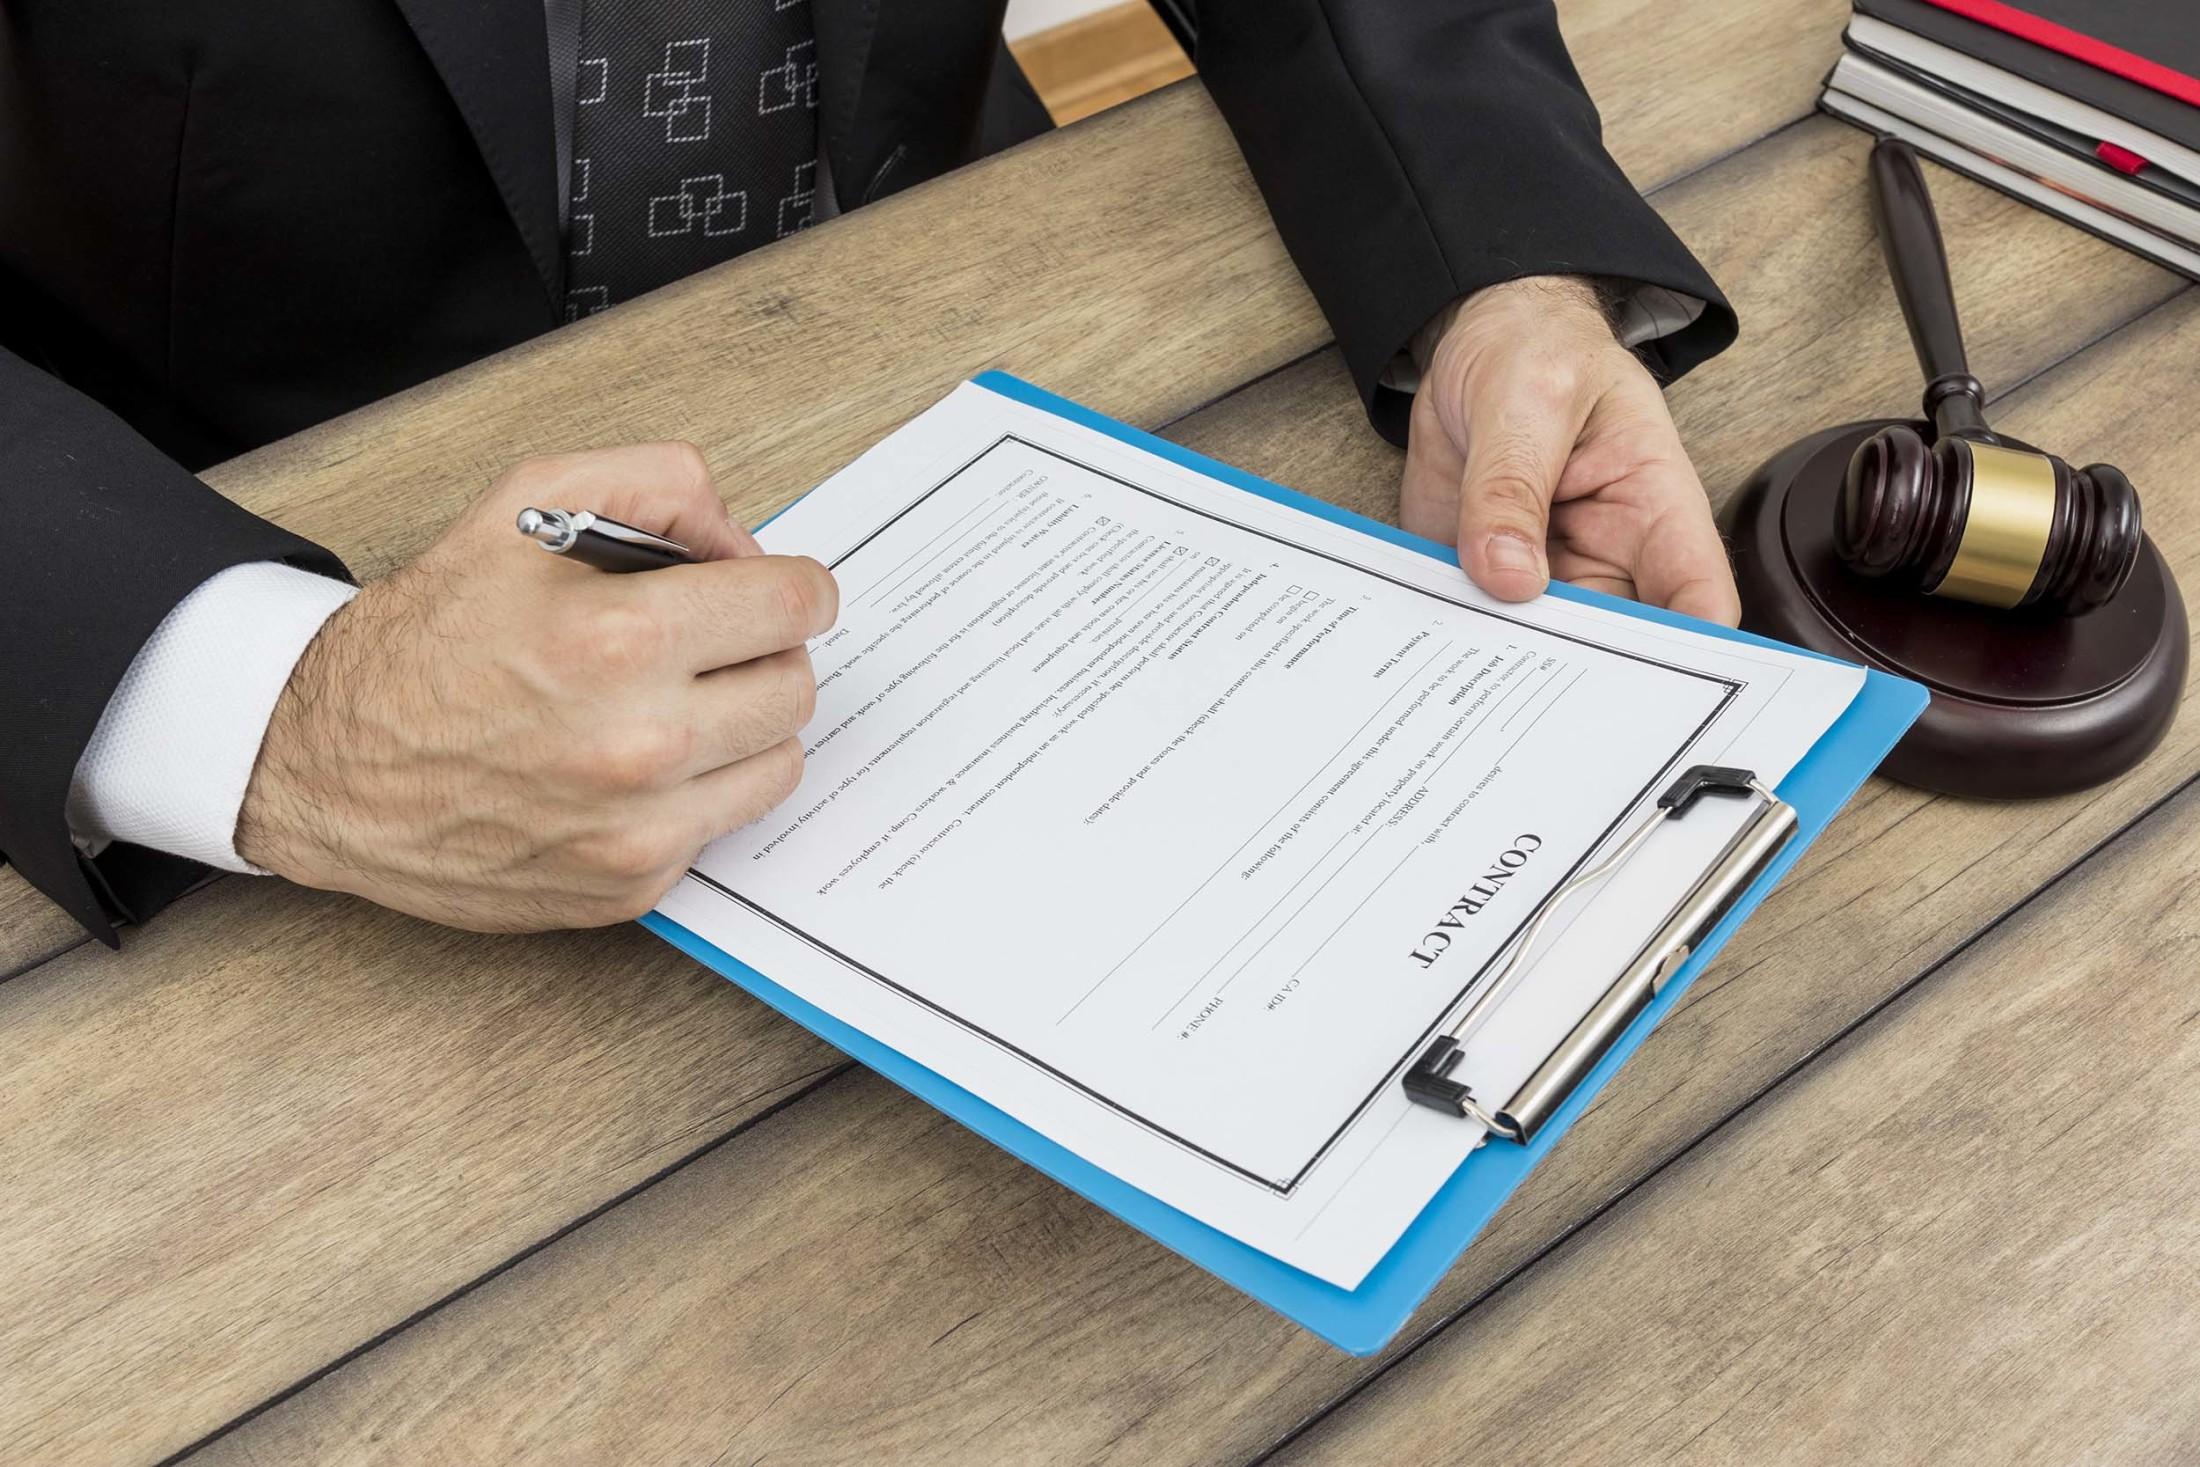 Dalam dokumen ini, Anda seharusnya bisa tahu apa saja yang menjadi hak dan kewajiban Anda dengan mendetail. Sebagai contoh: klien berhak meminta arsitek untuk merevisi desainnya bila belum sesuai dengan kemauannya. Akan tetapi, berapa kali klien bisa meminta revisi? Surat Perjanjian Kerja yang baik akan mengatur berapa kali klien bisa meminta revisi, baik itu revisi besar atau revisi kecil, sehingga tidak bisa semena-mena. Contoh lainnya, kontraktor berkewajiban membangun rumah dengan menggunakan spesifikasi yang disepakati, sehingga bila di kemudian hari owner mendapati spesifikasi material rumahnya tidak sesuai kontrak, owner berhak meminta perombakan ulang.